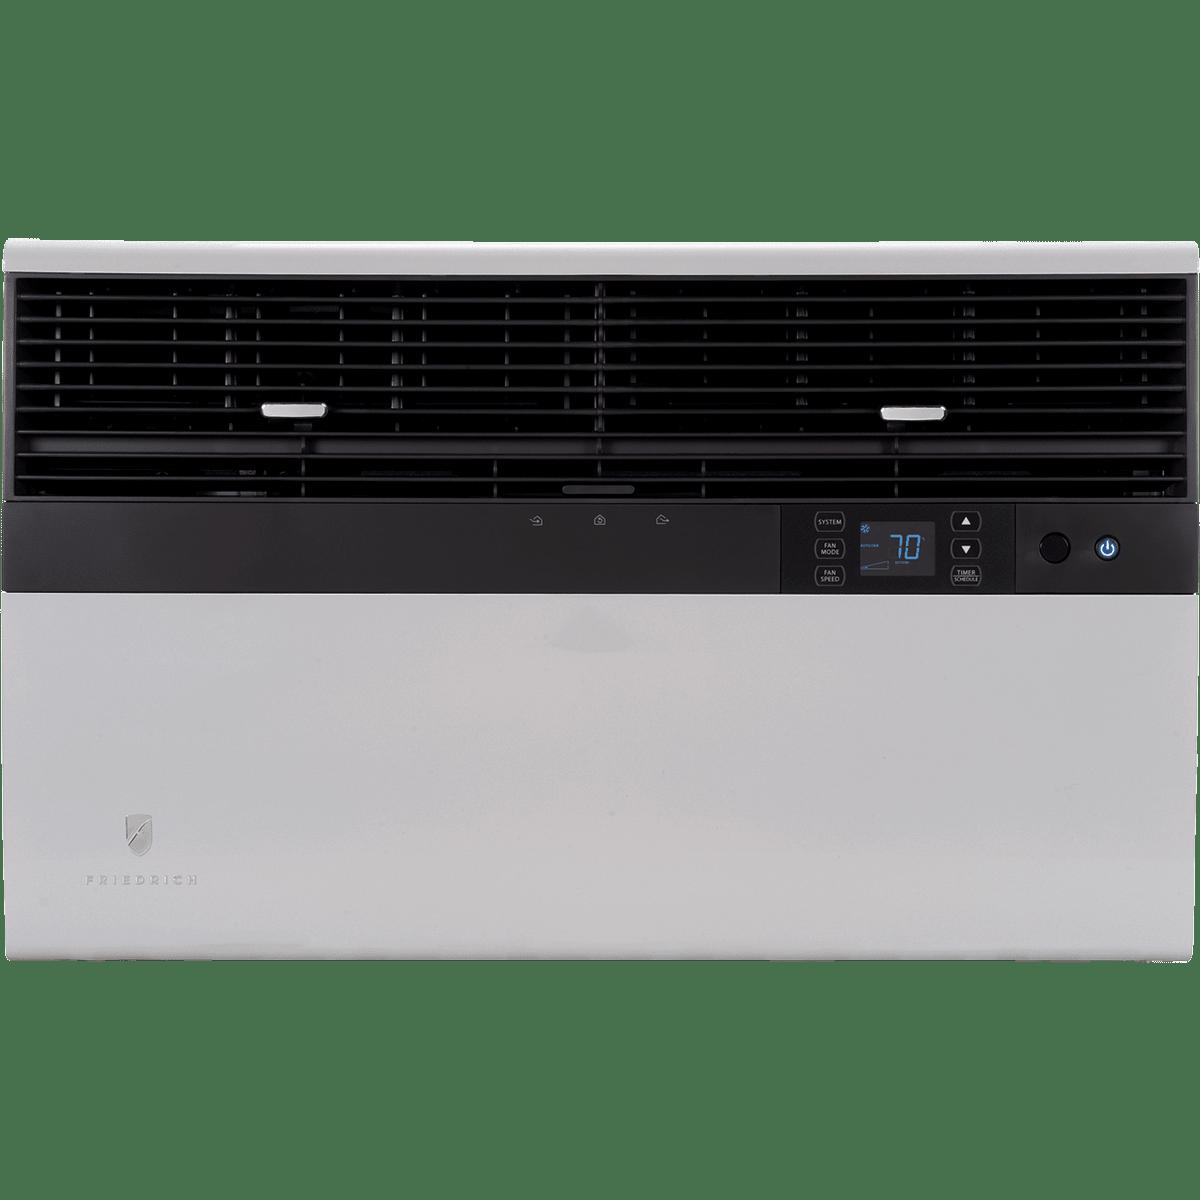 Friedrich Kuhl 13,500 BTU Window & Wall Air Conditioner (SS14N10C)